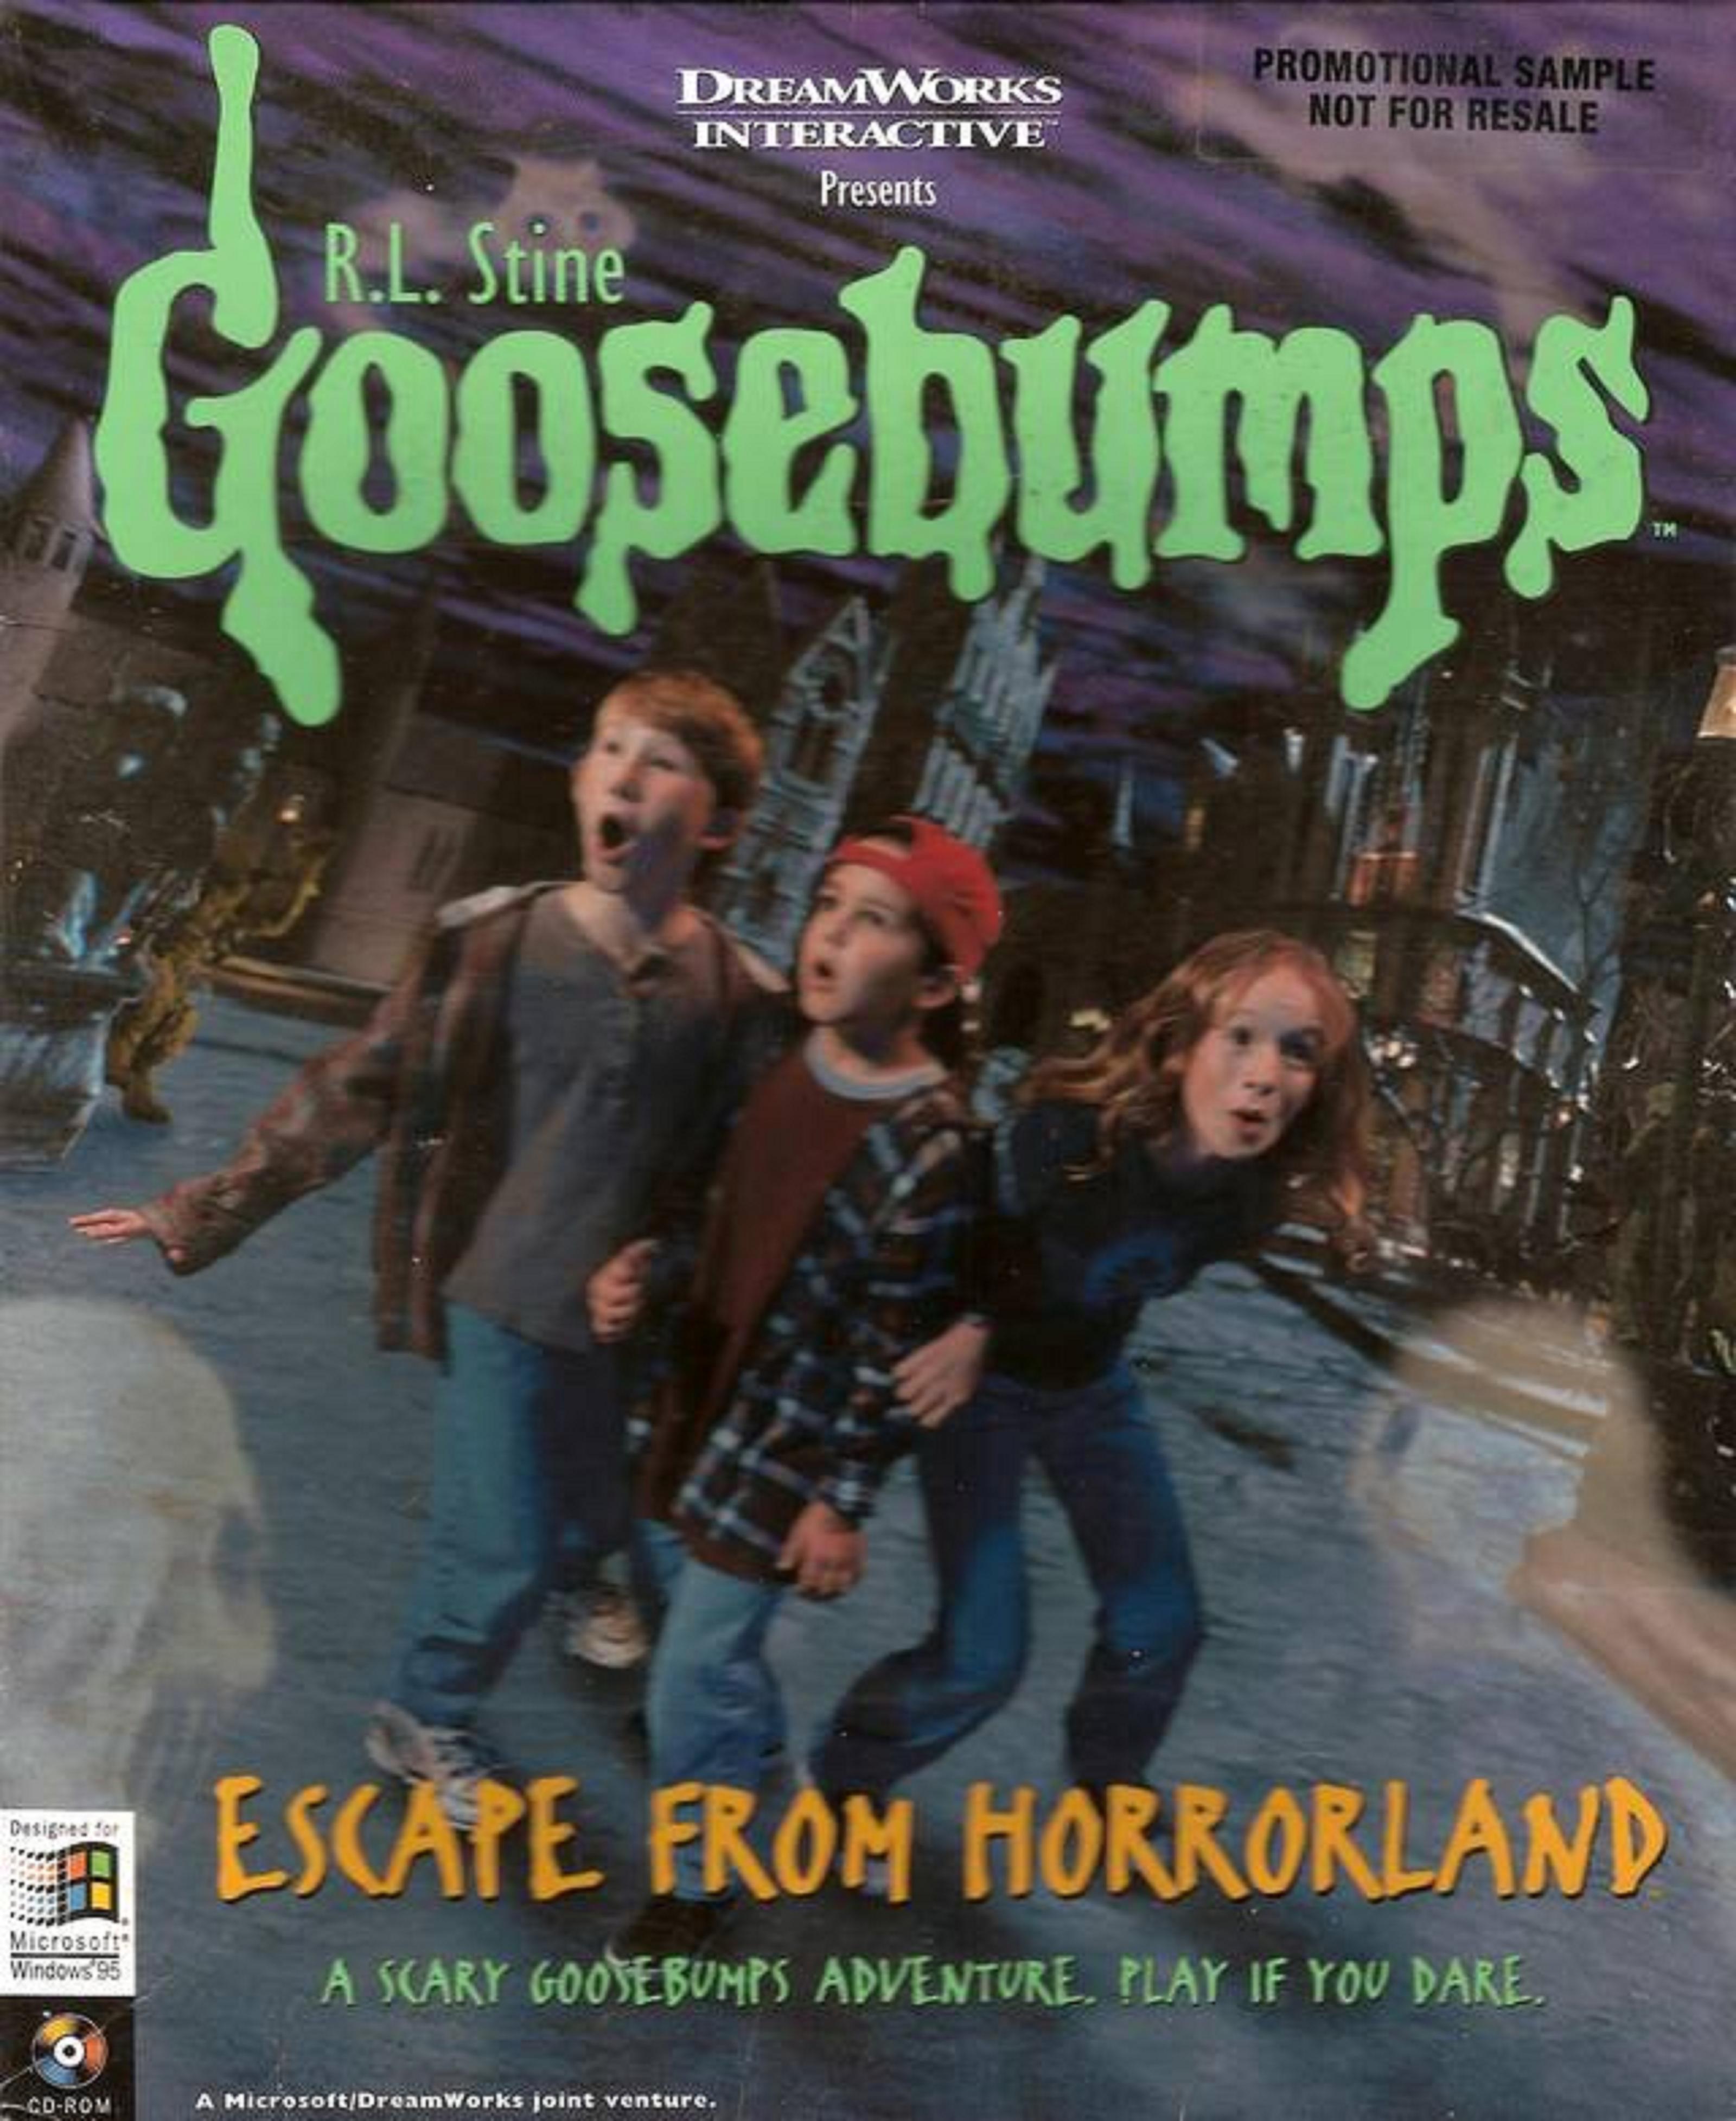 Goosebumps Escape From Horrorland.jpg